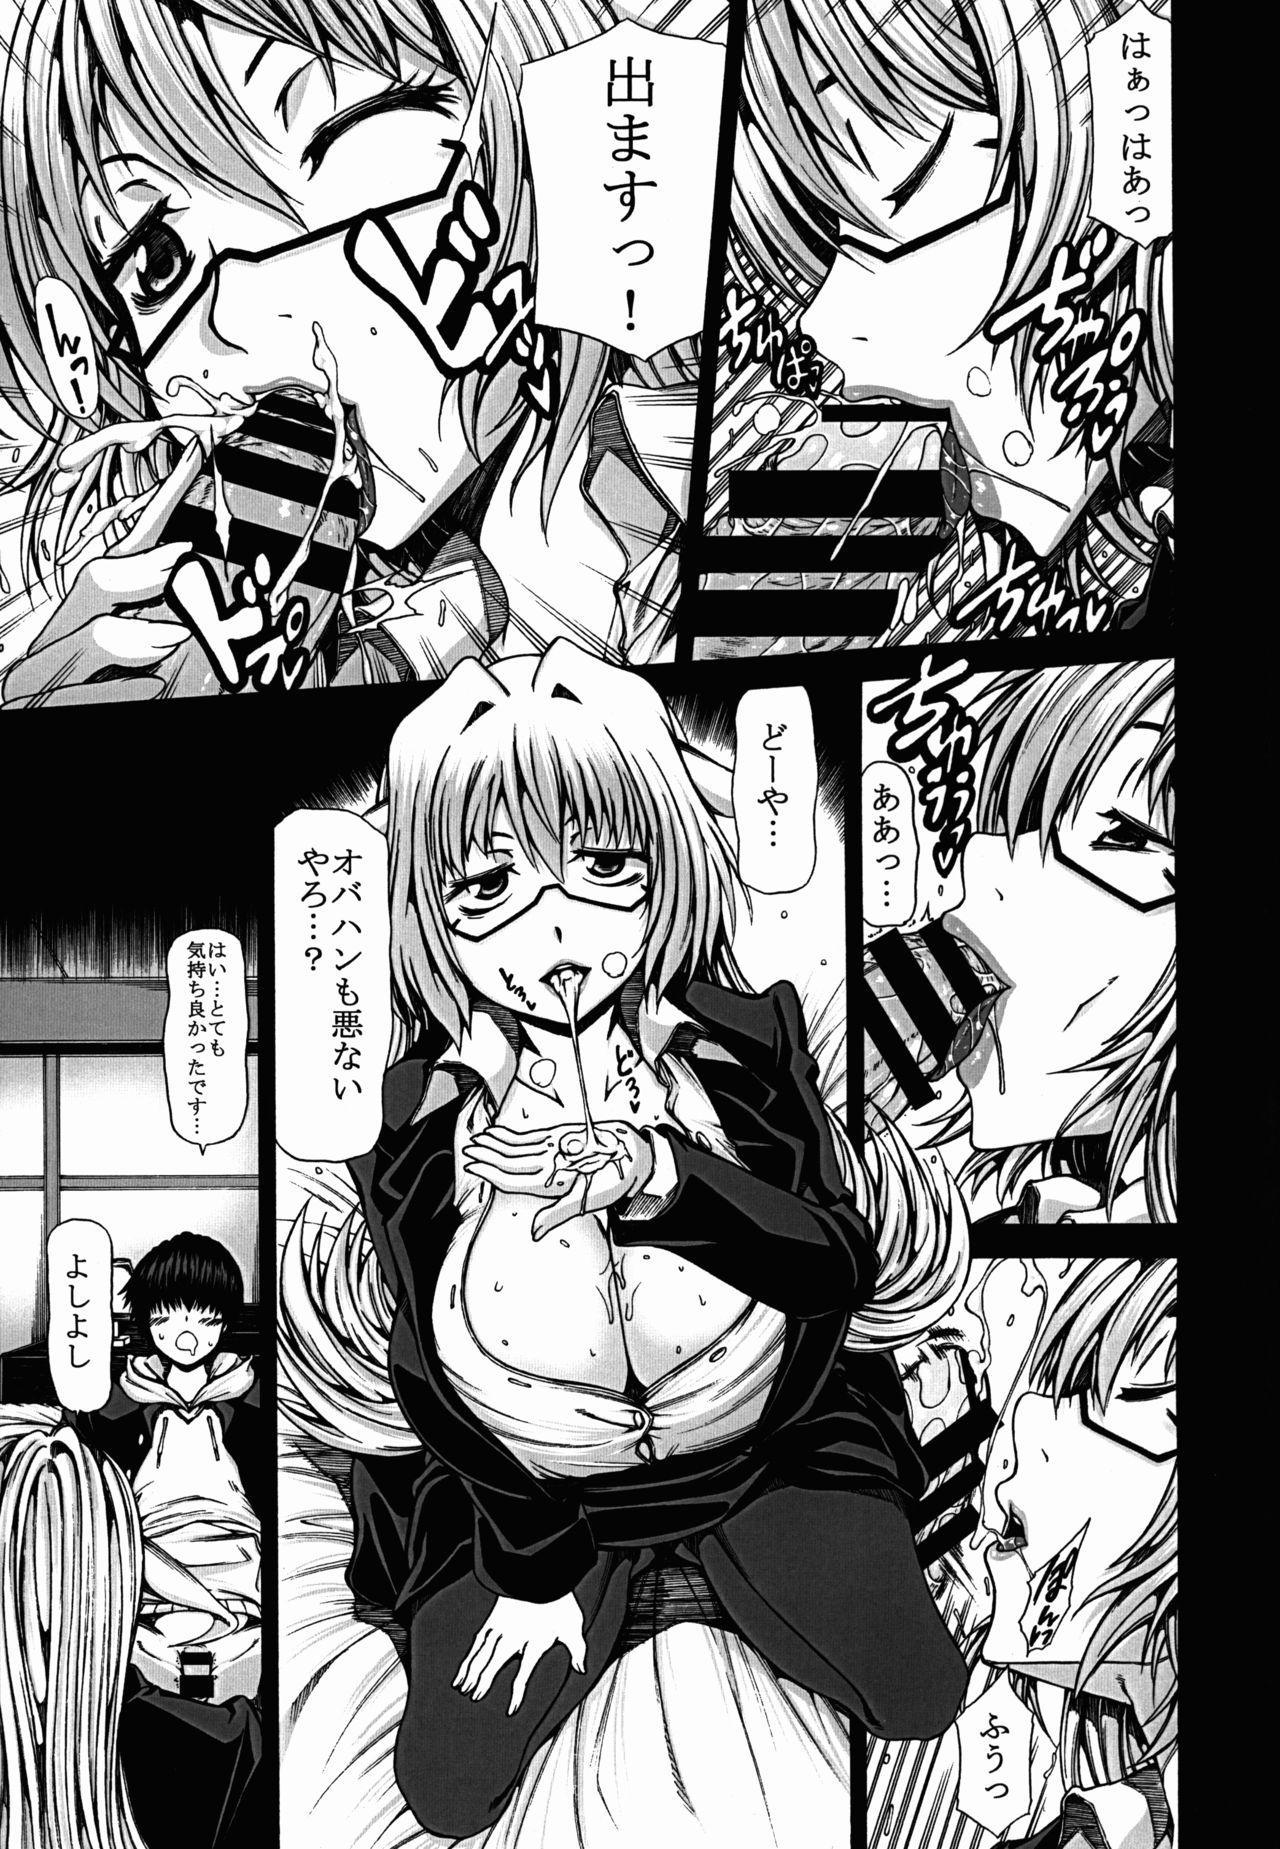 Kawa Surikae 10